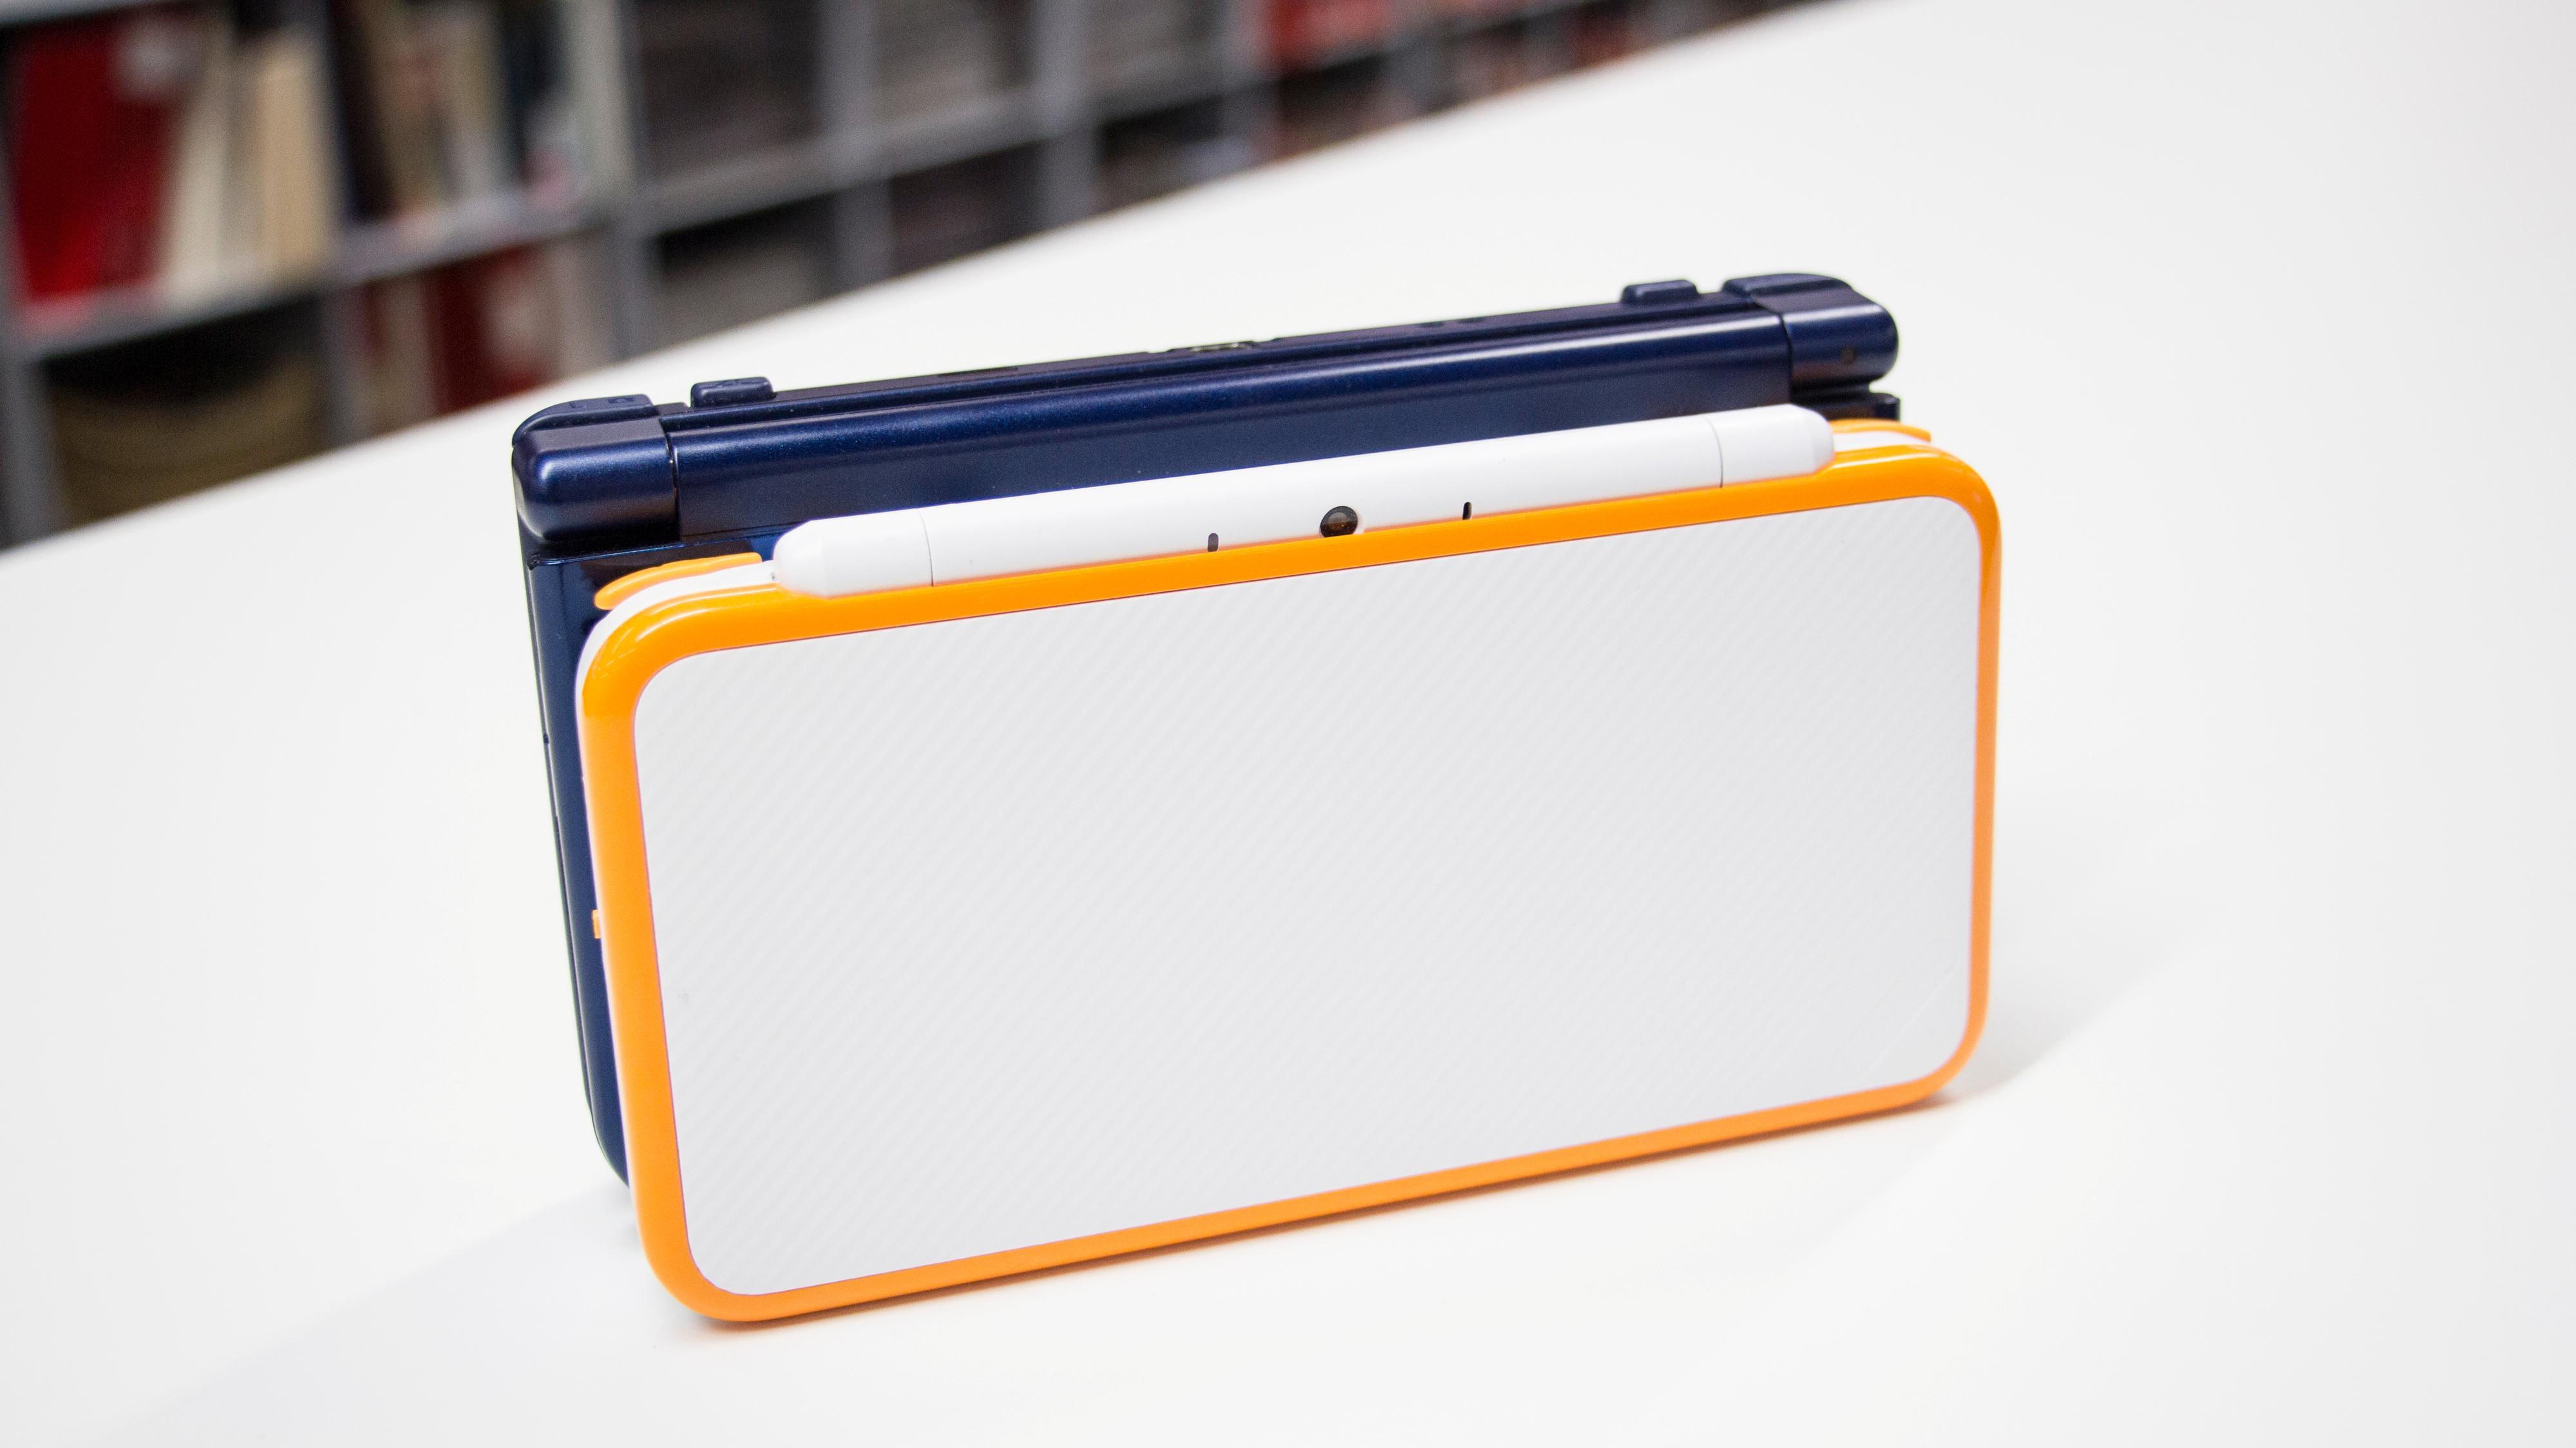 Fysisk er 2DS XL litt mindre enn storebror 3DS XL. Den lille humpen på baksiden er imidlertid ikke veldig kledelig.